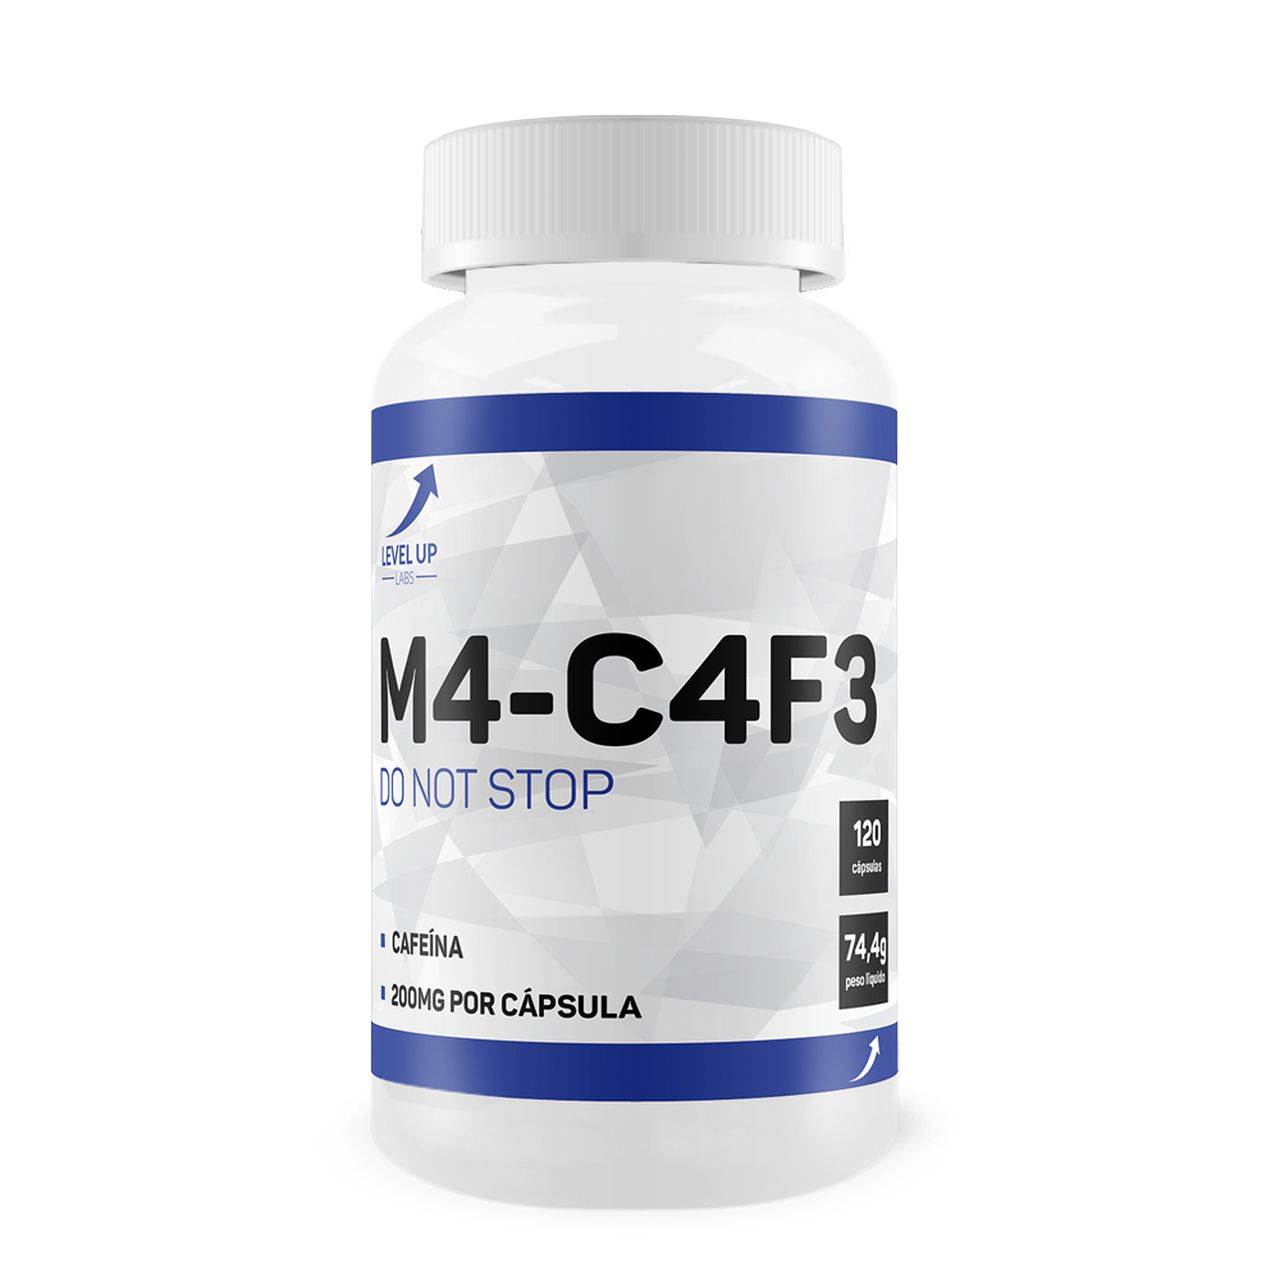 M4-C4F3 (120 caps) - Level Up Labs